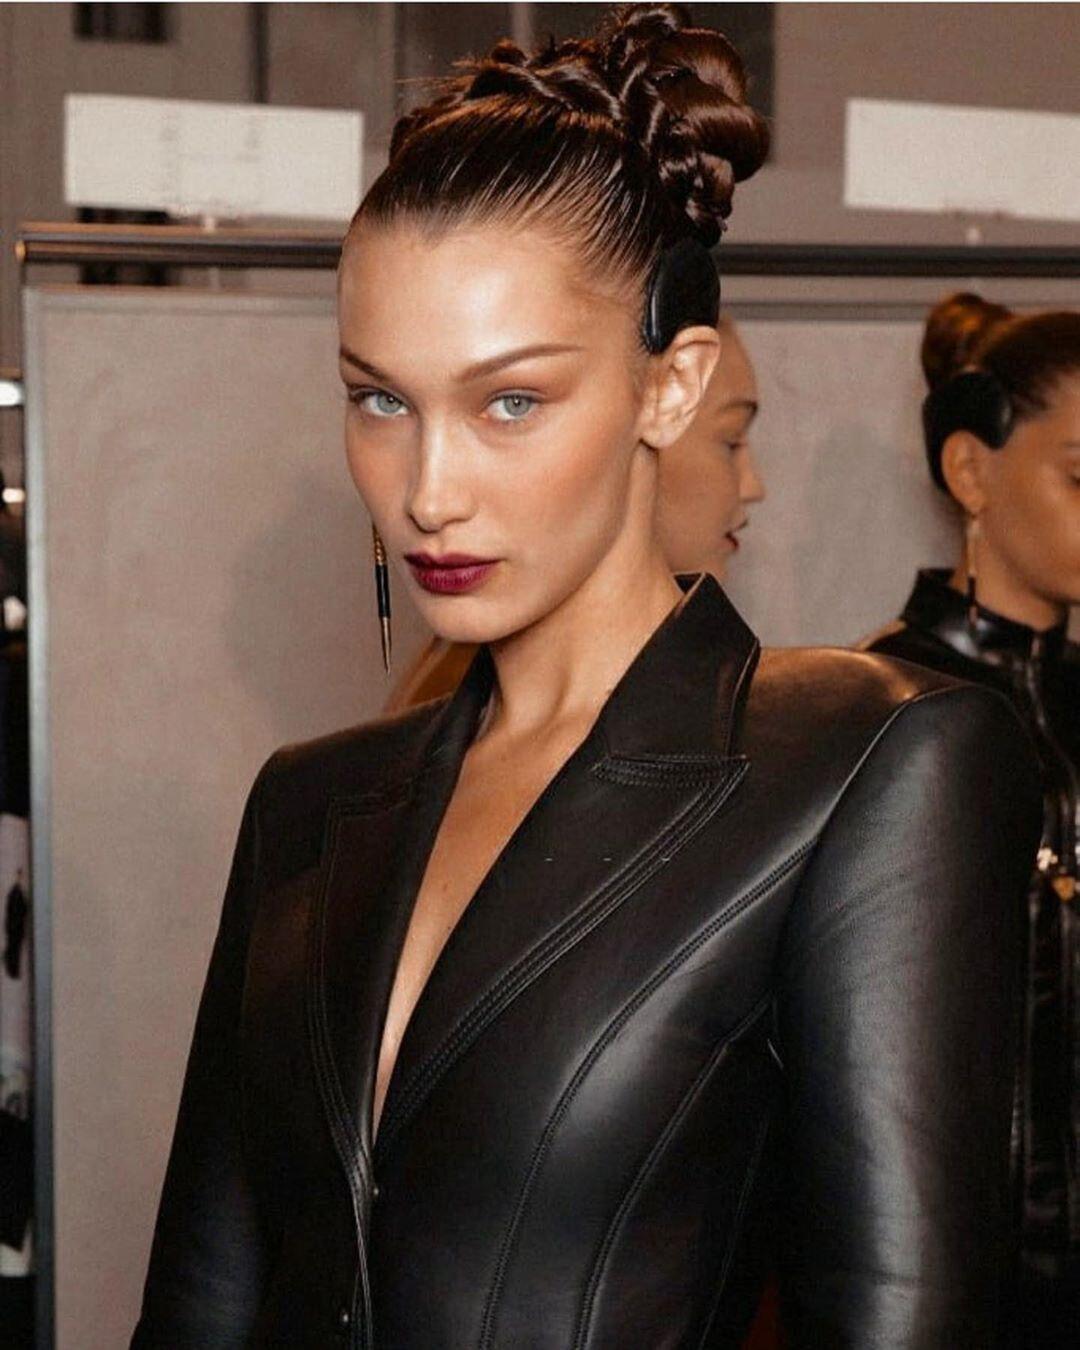 Найкрасивіша жінка в світі оголила груди і вразила мережу